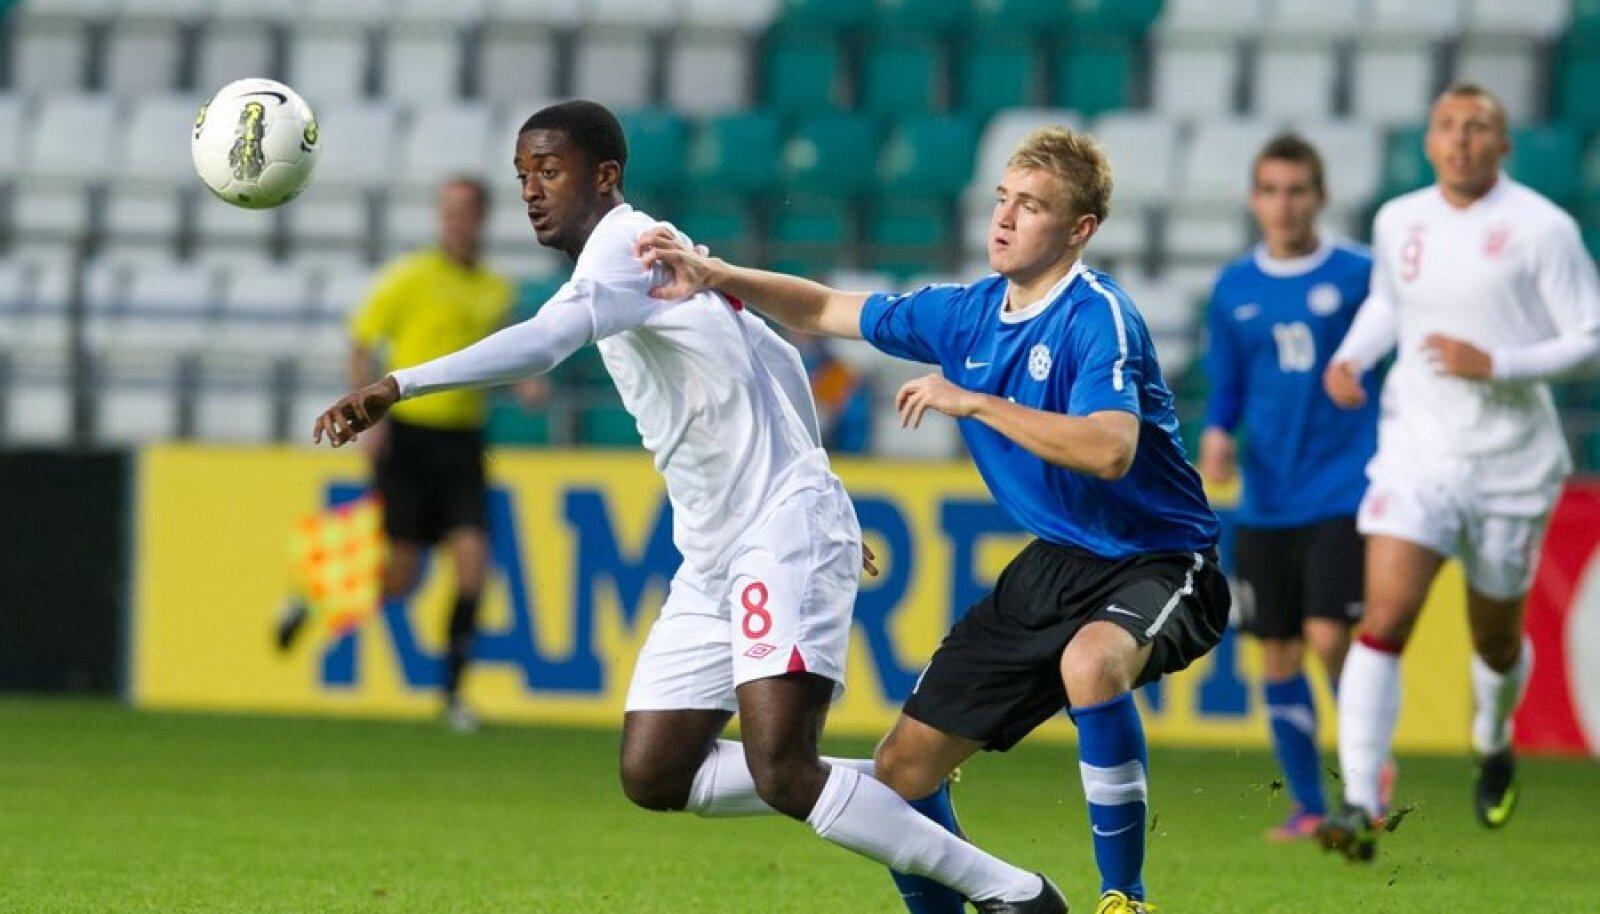 U19 jalgpalli EM-valikmäng: Eesti - Inglismaa